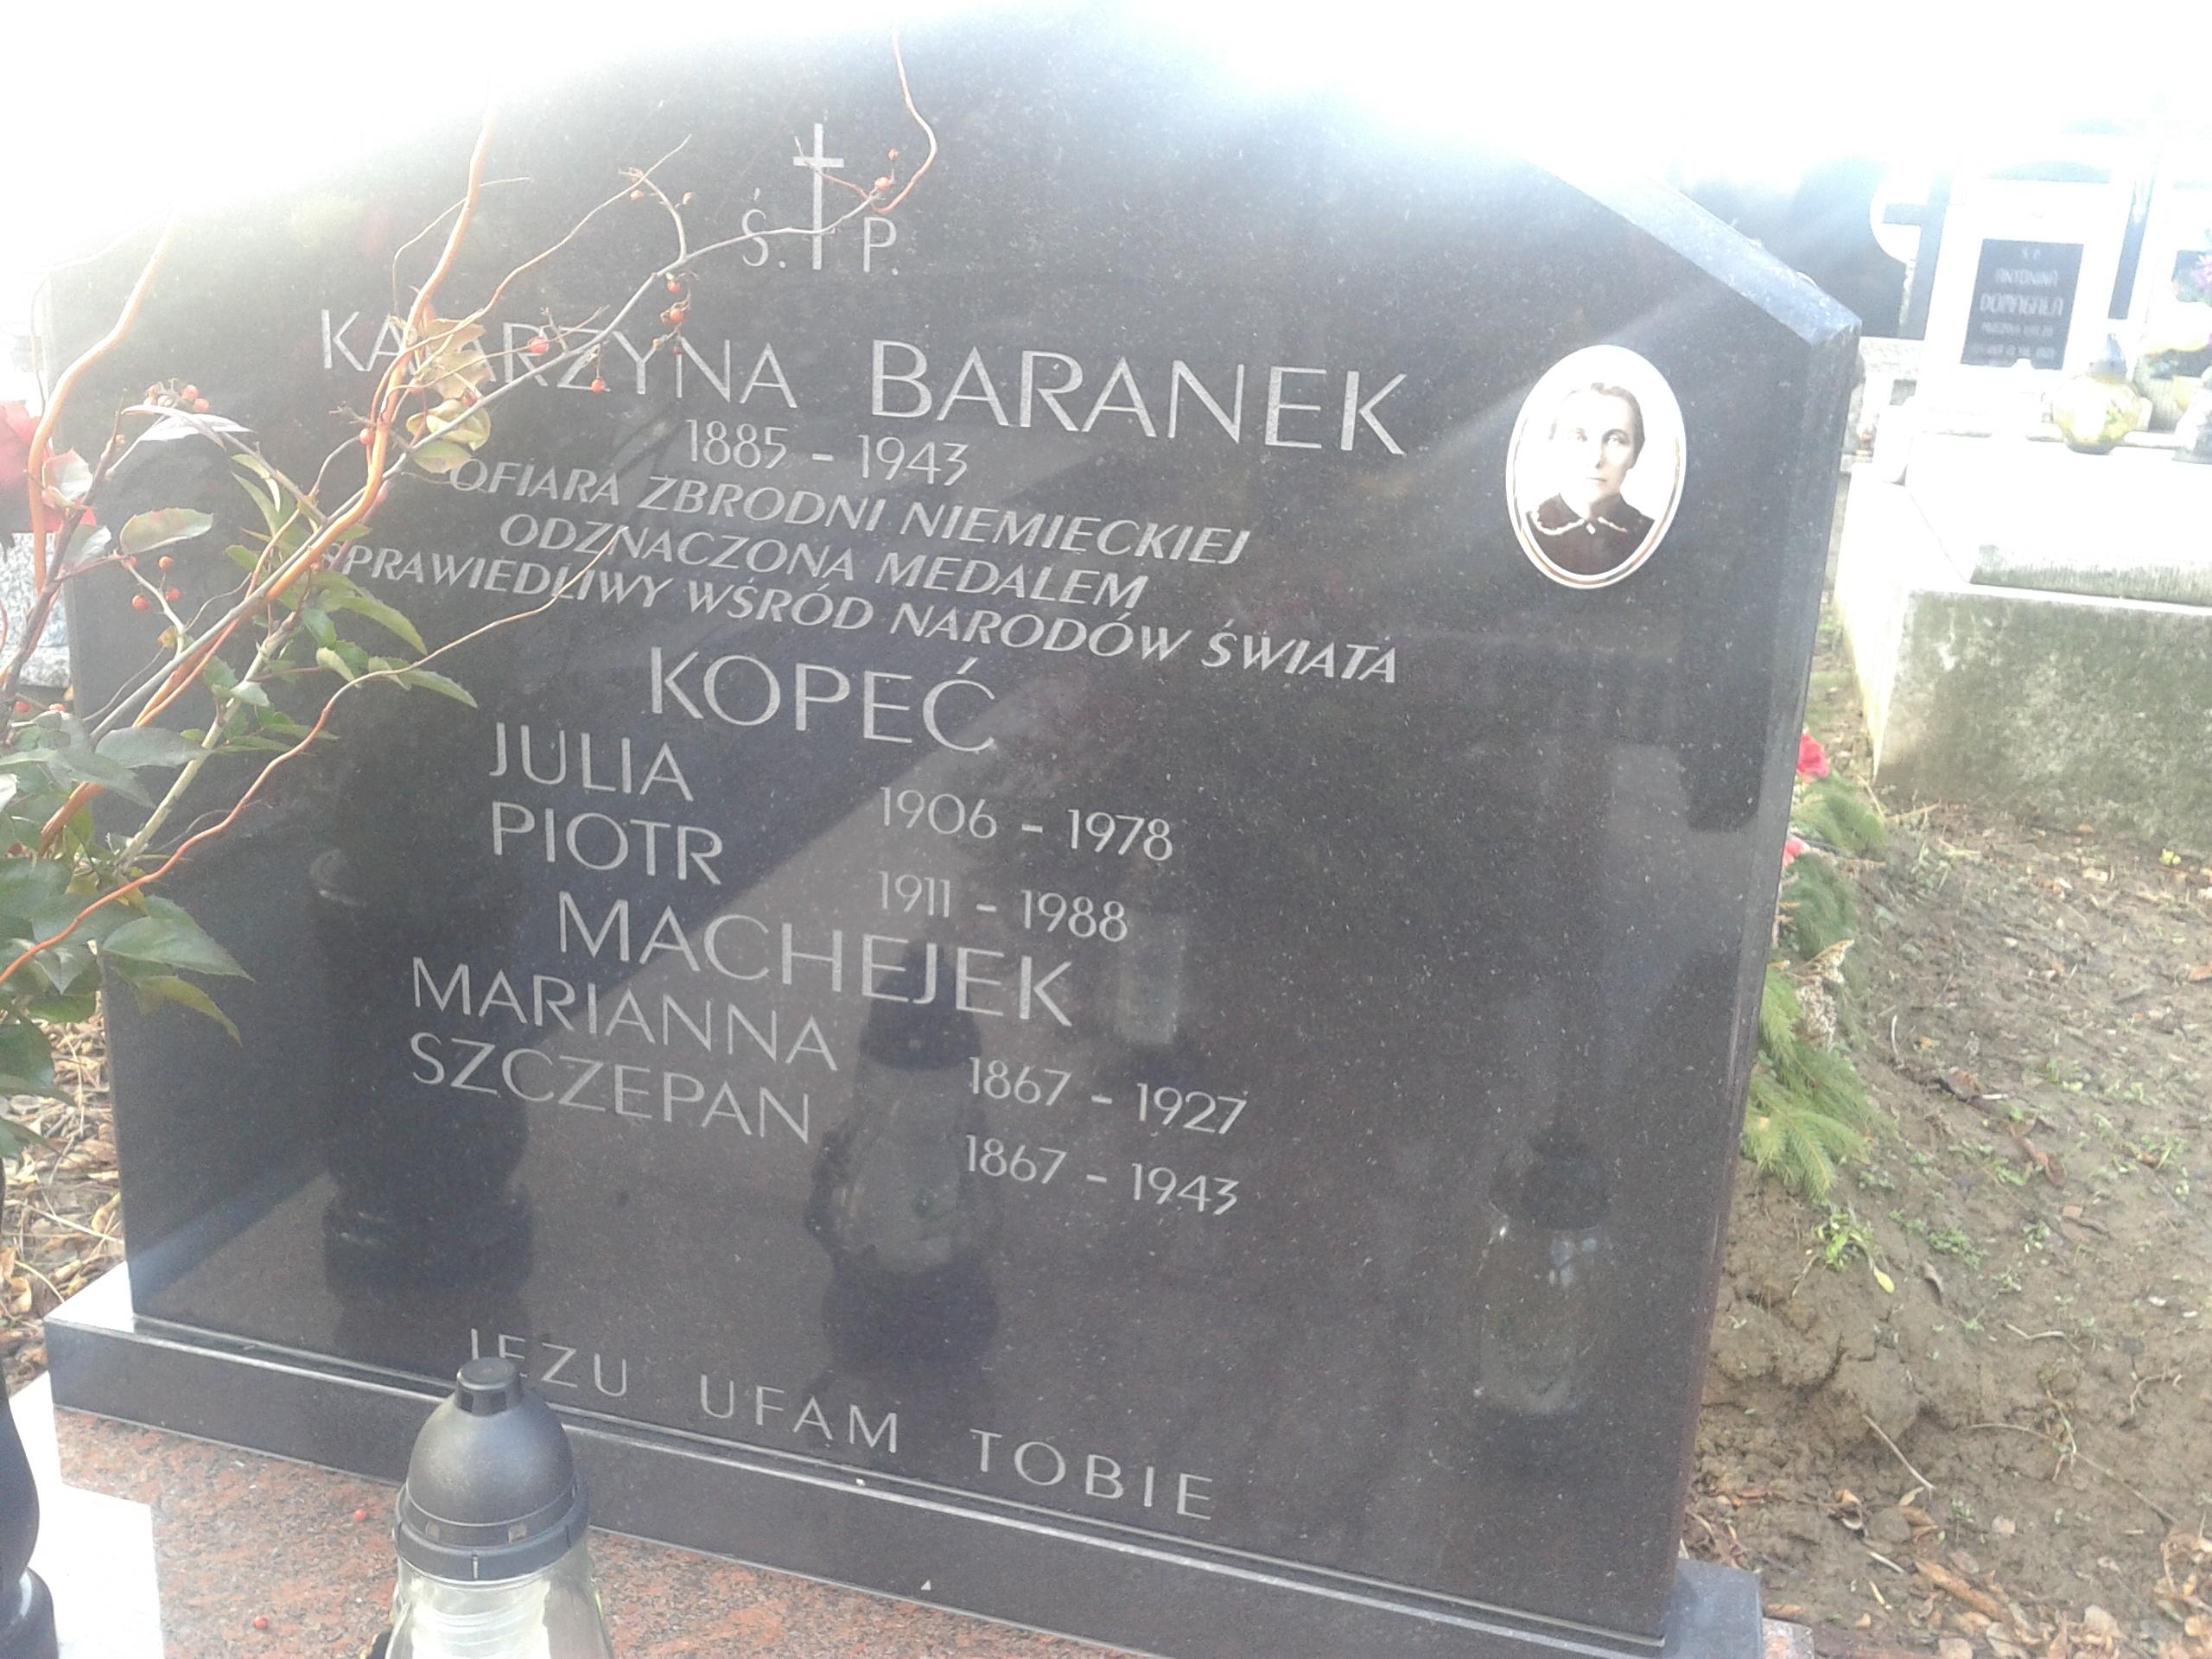 przeniesiony grob pradziadkow Szczepana i Marianny Machejkow _Miechów